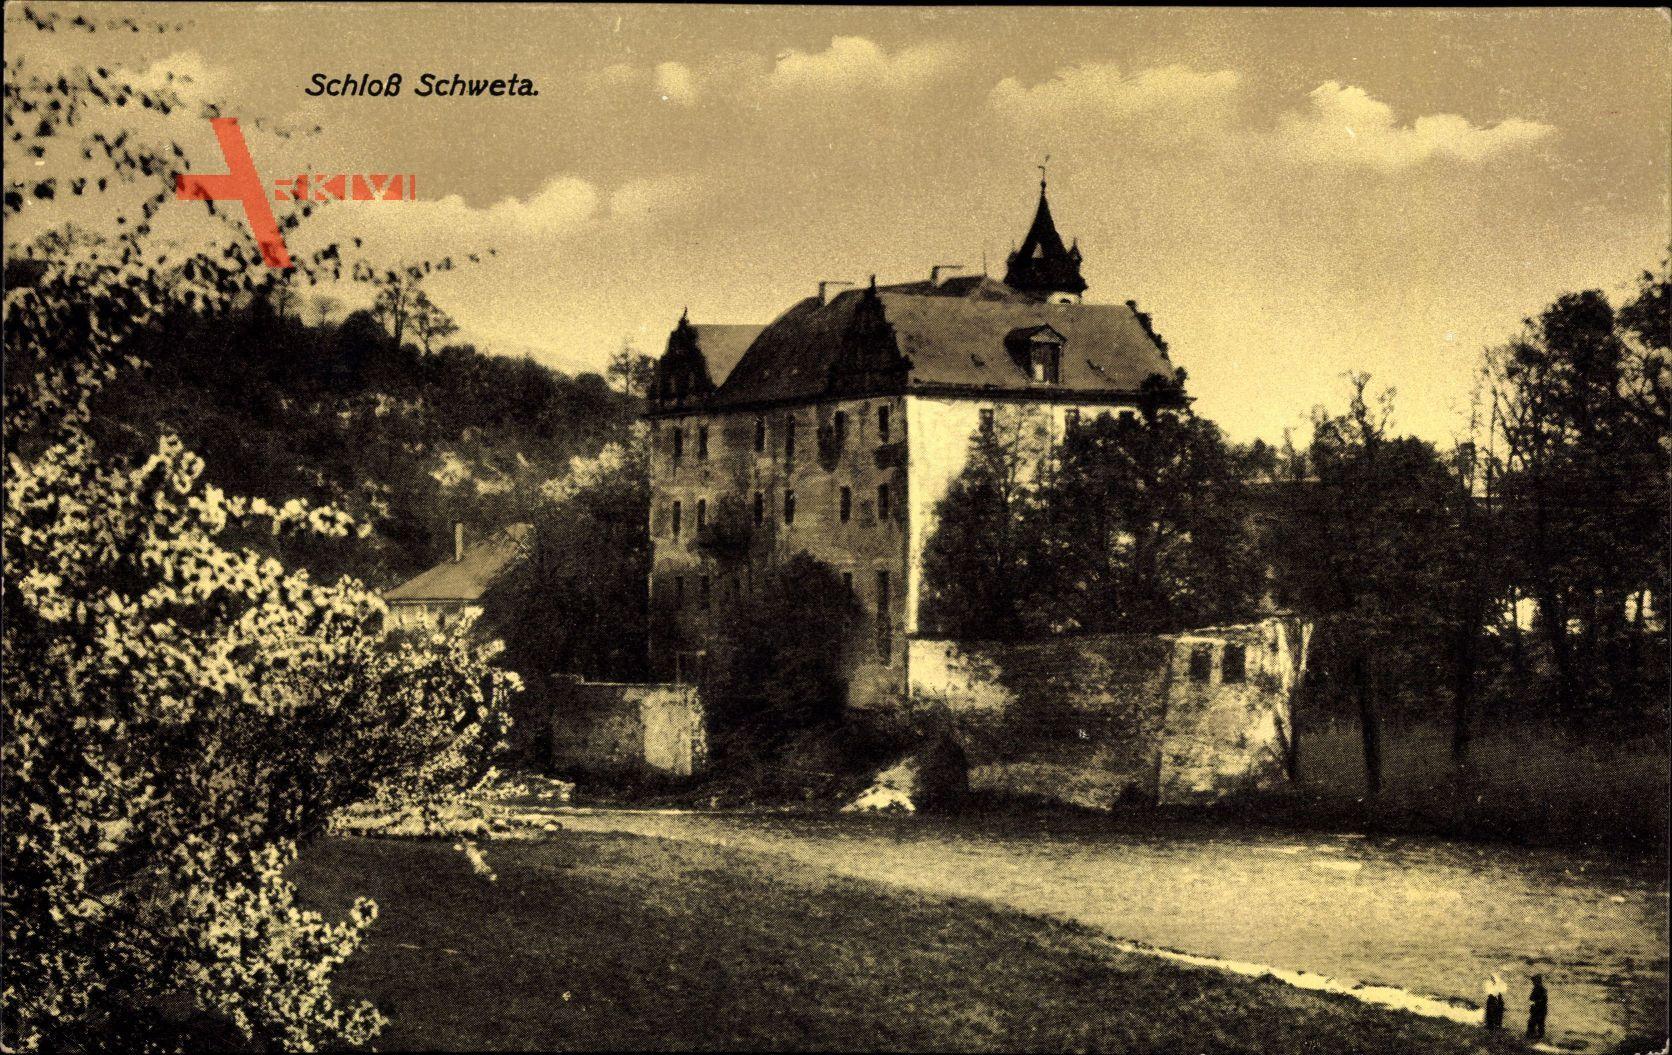 Schweta Döbeln, Blick auf das Schloss, Kirschblüten